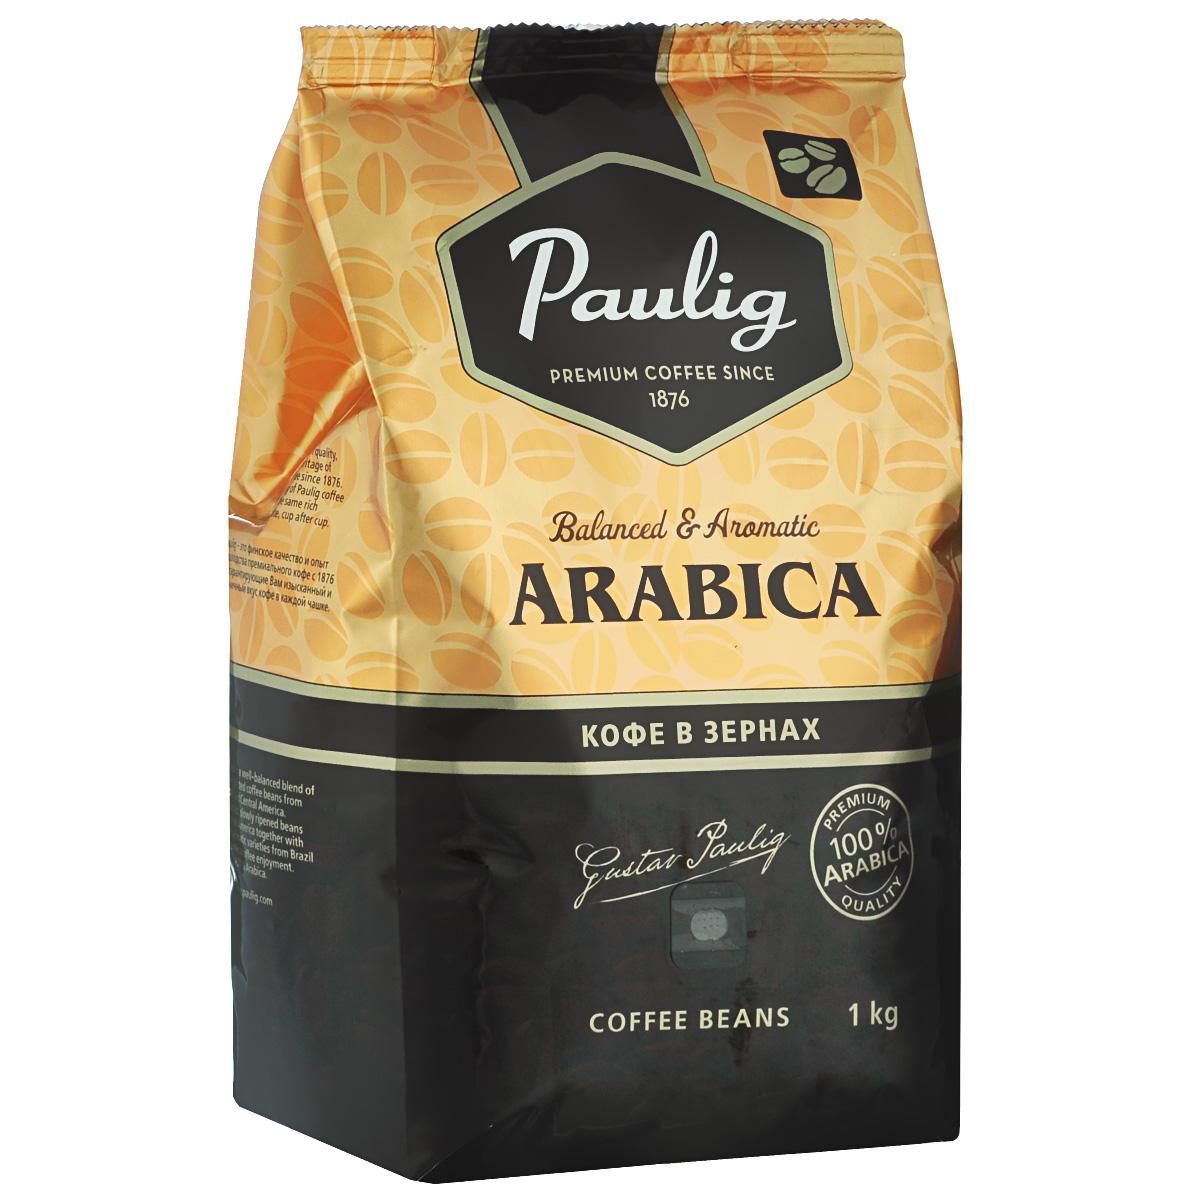 Paulig Arabica кофе в зернах, 1 кг16316/16282